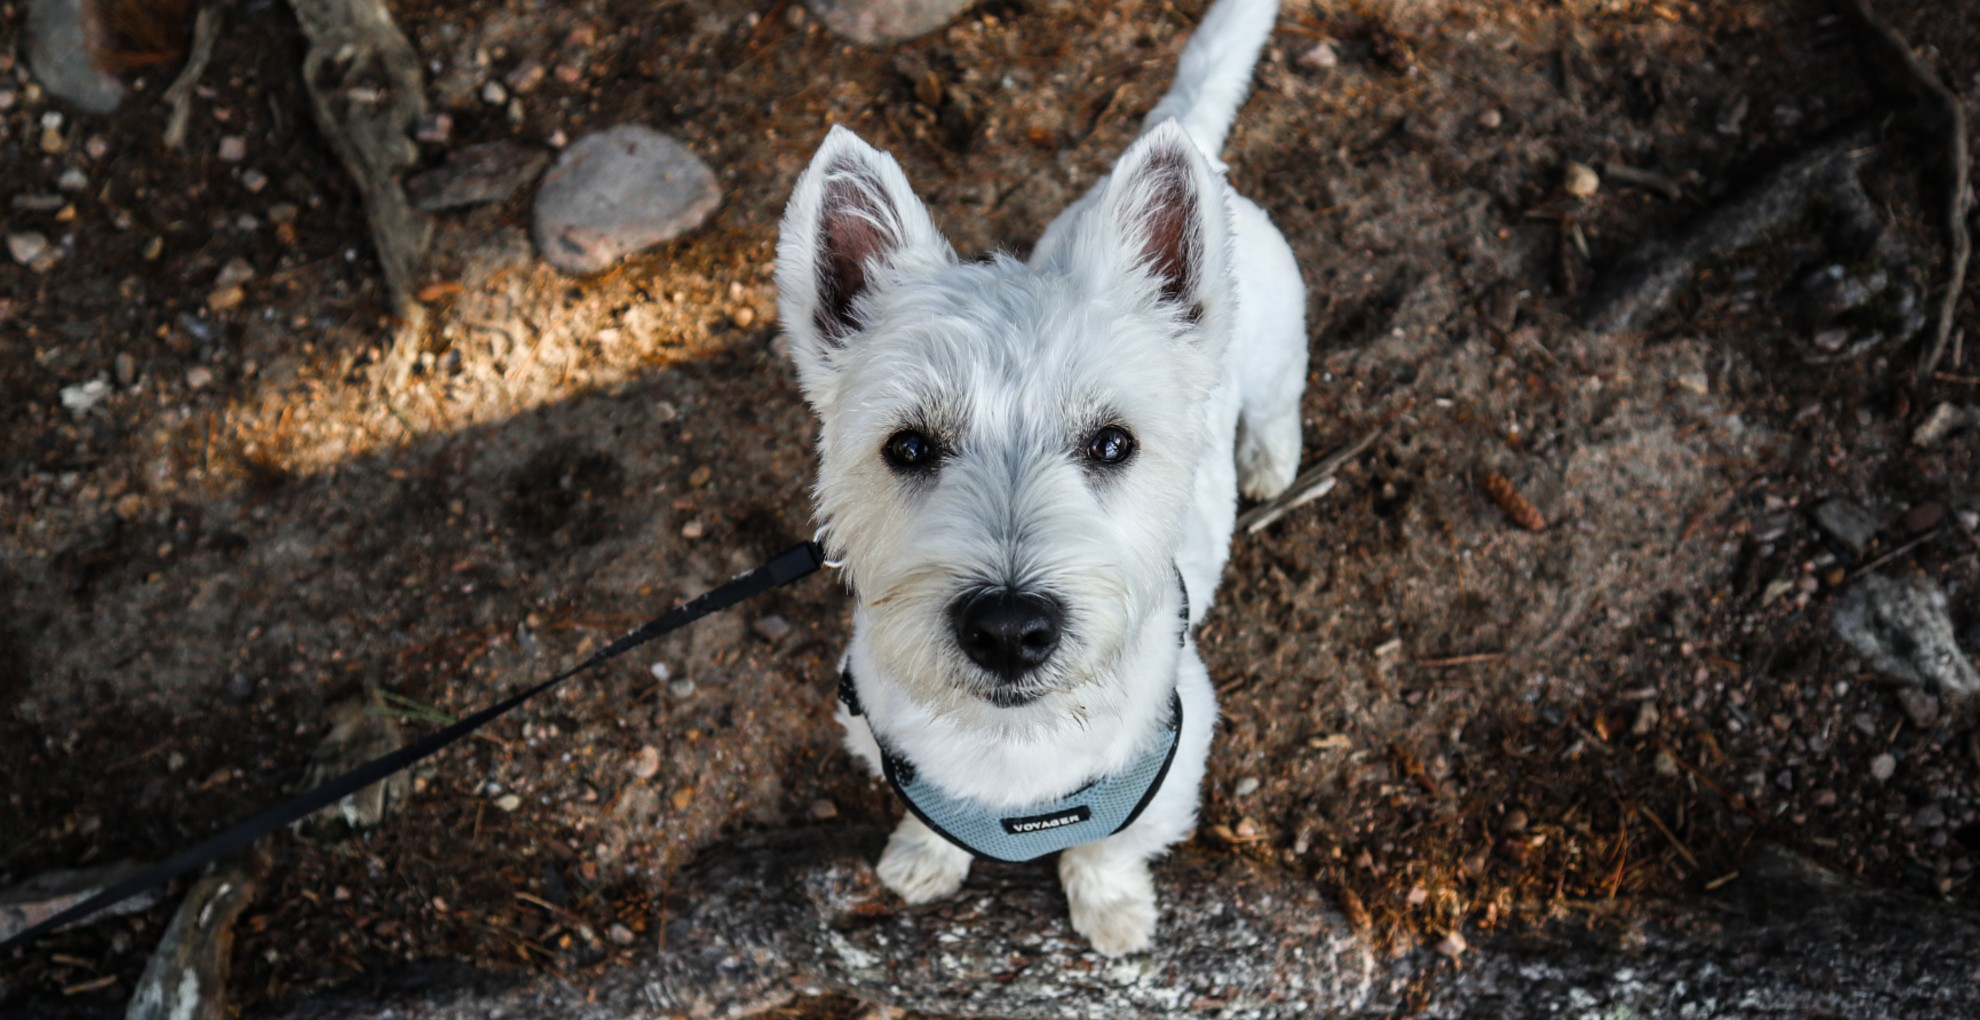 Másfél év után került haza az elveszettnek hitt kutya